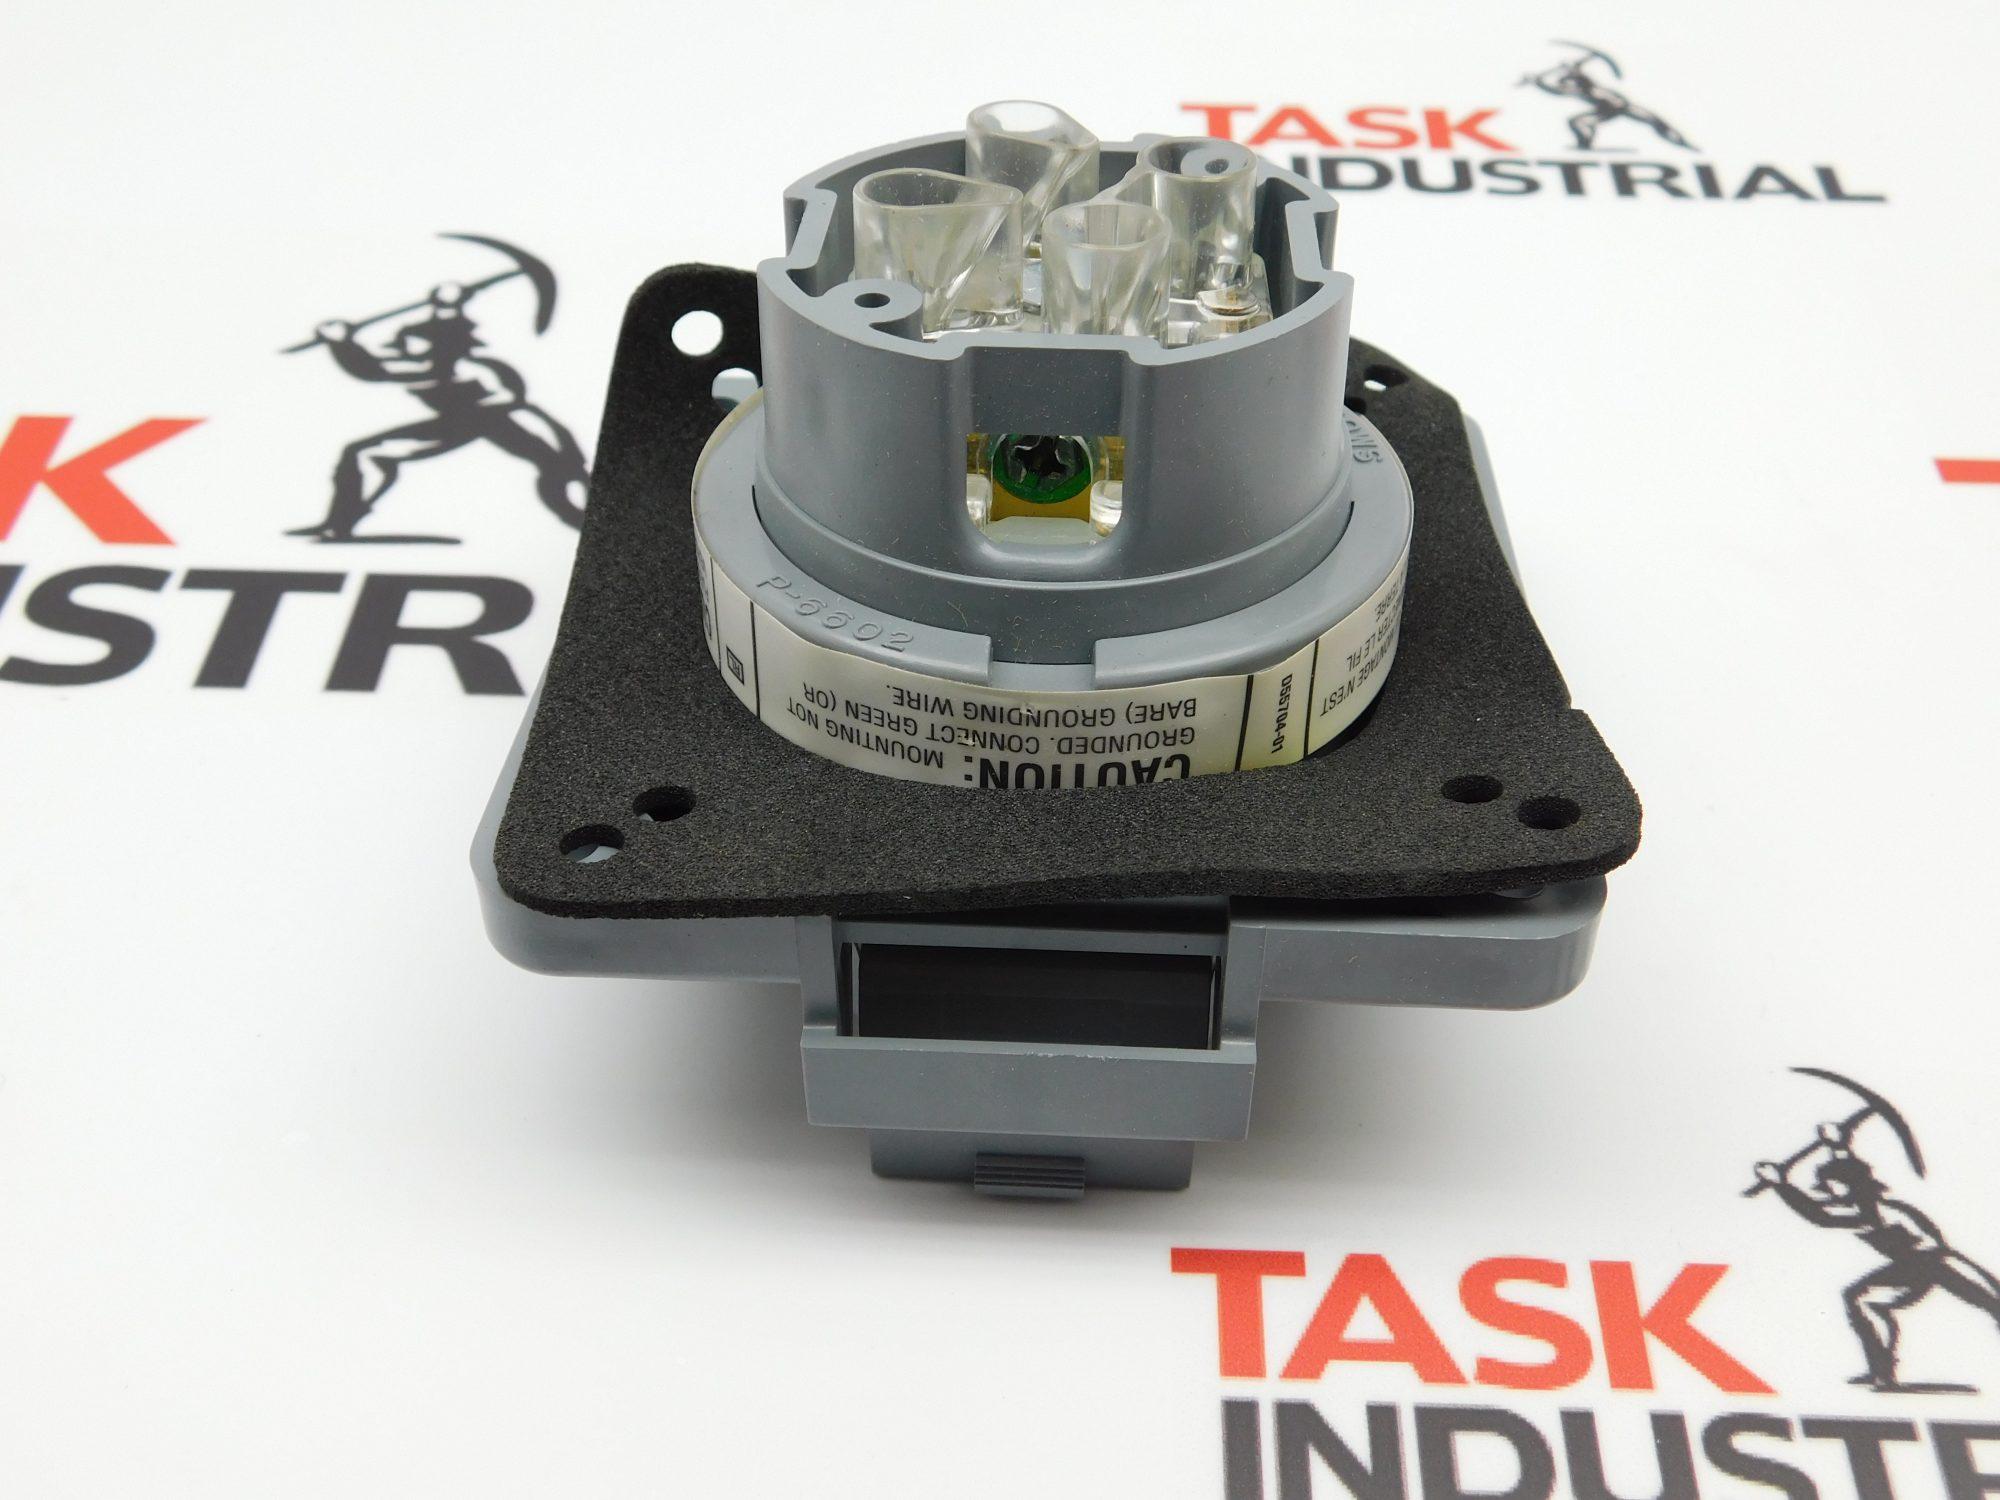 Hubbell HBL2430SW Twist-Lock Receptacle